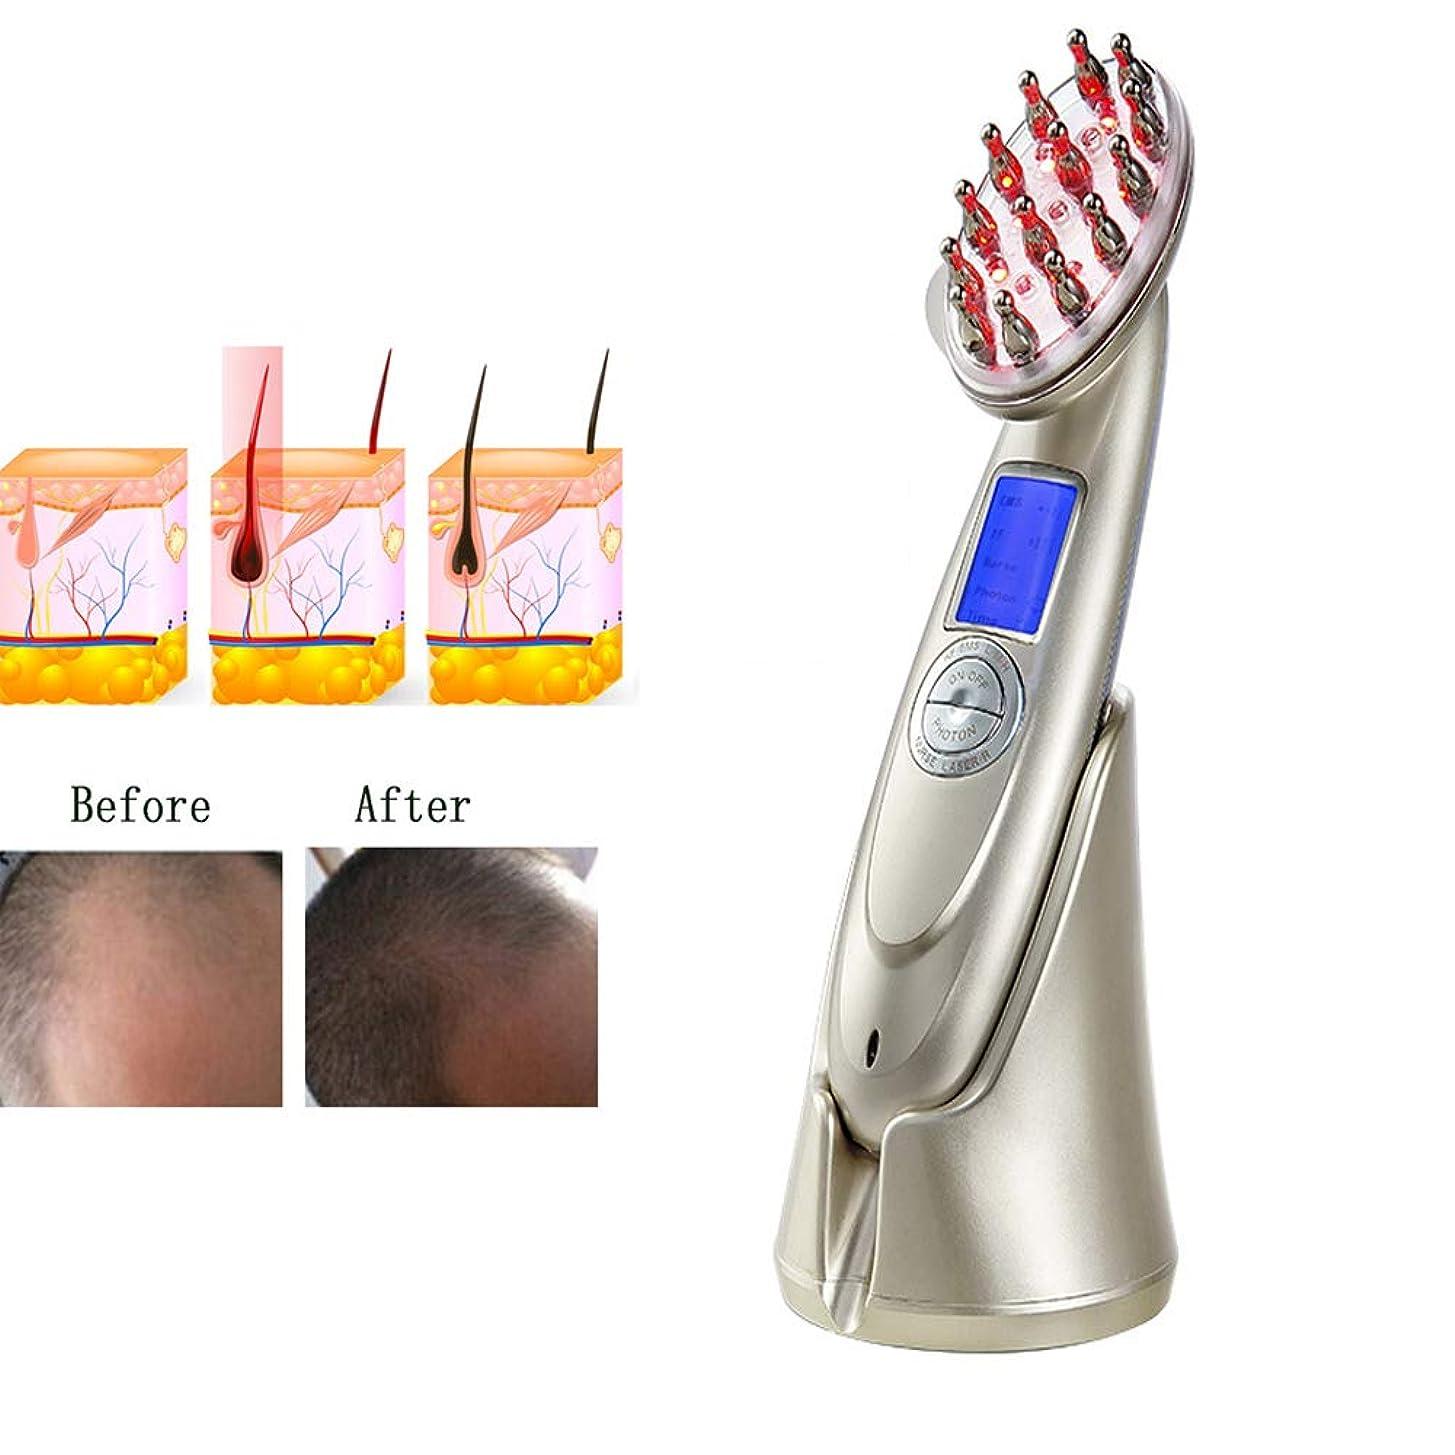 自分の力ですべてをするホステス気体のプロの電気髪の成長レーザー櫛 RF EMS LED 光子光療法ブラシ抗脱毛治療マッサージの健康胚ブラシをアップグレードします。